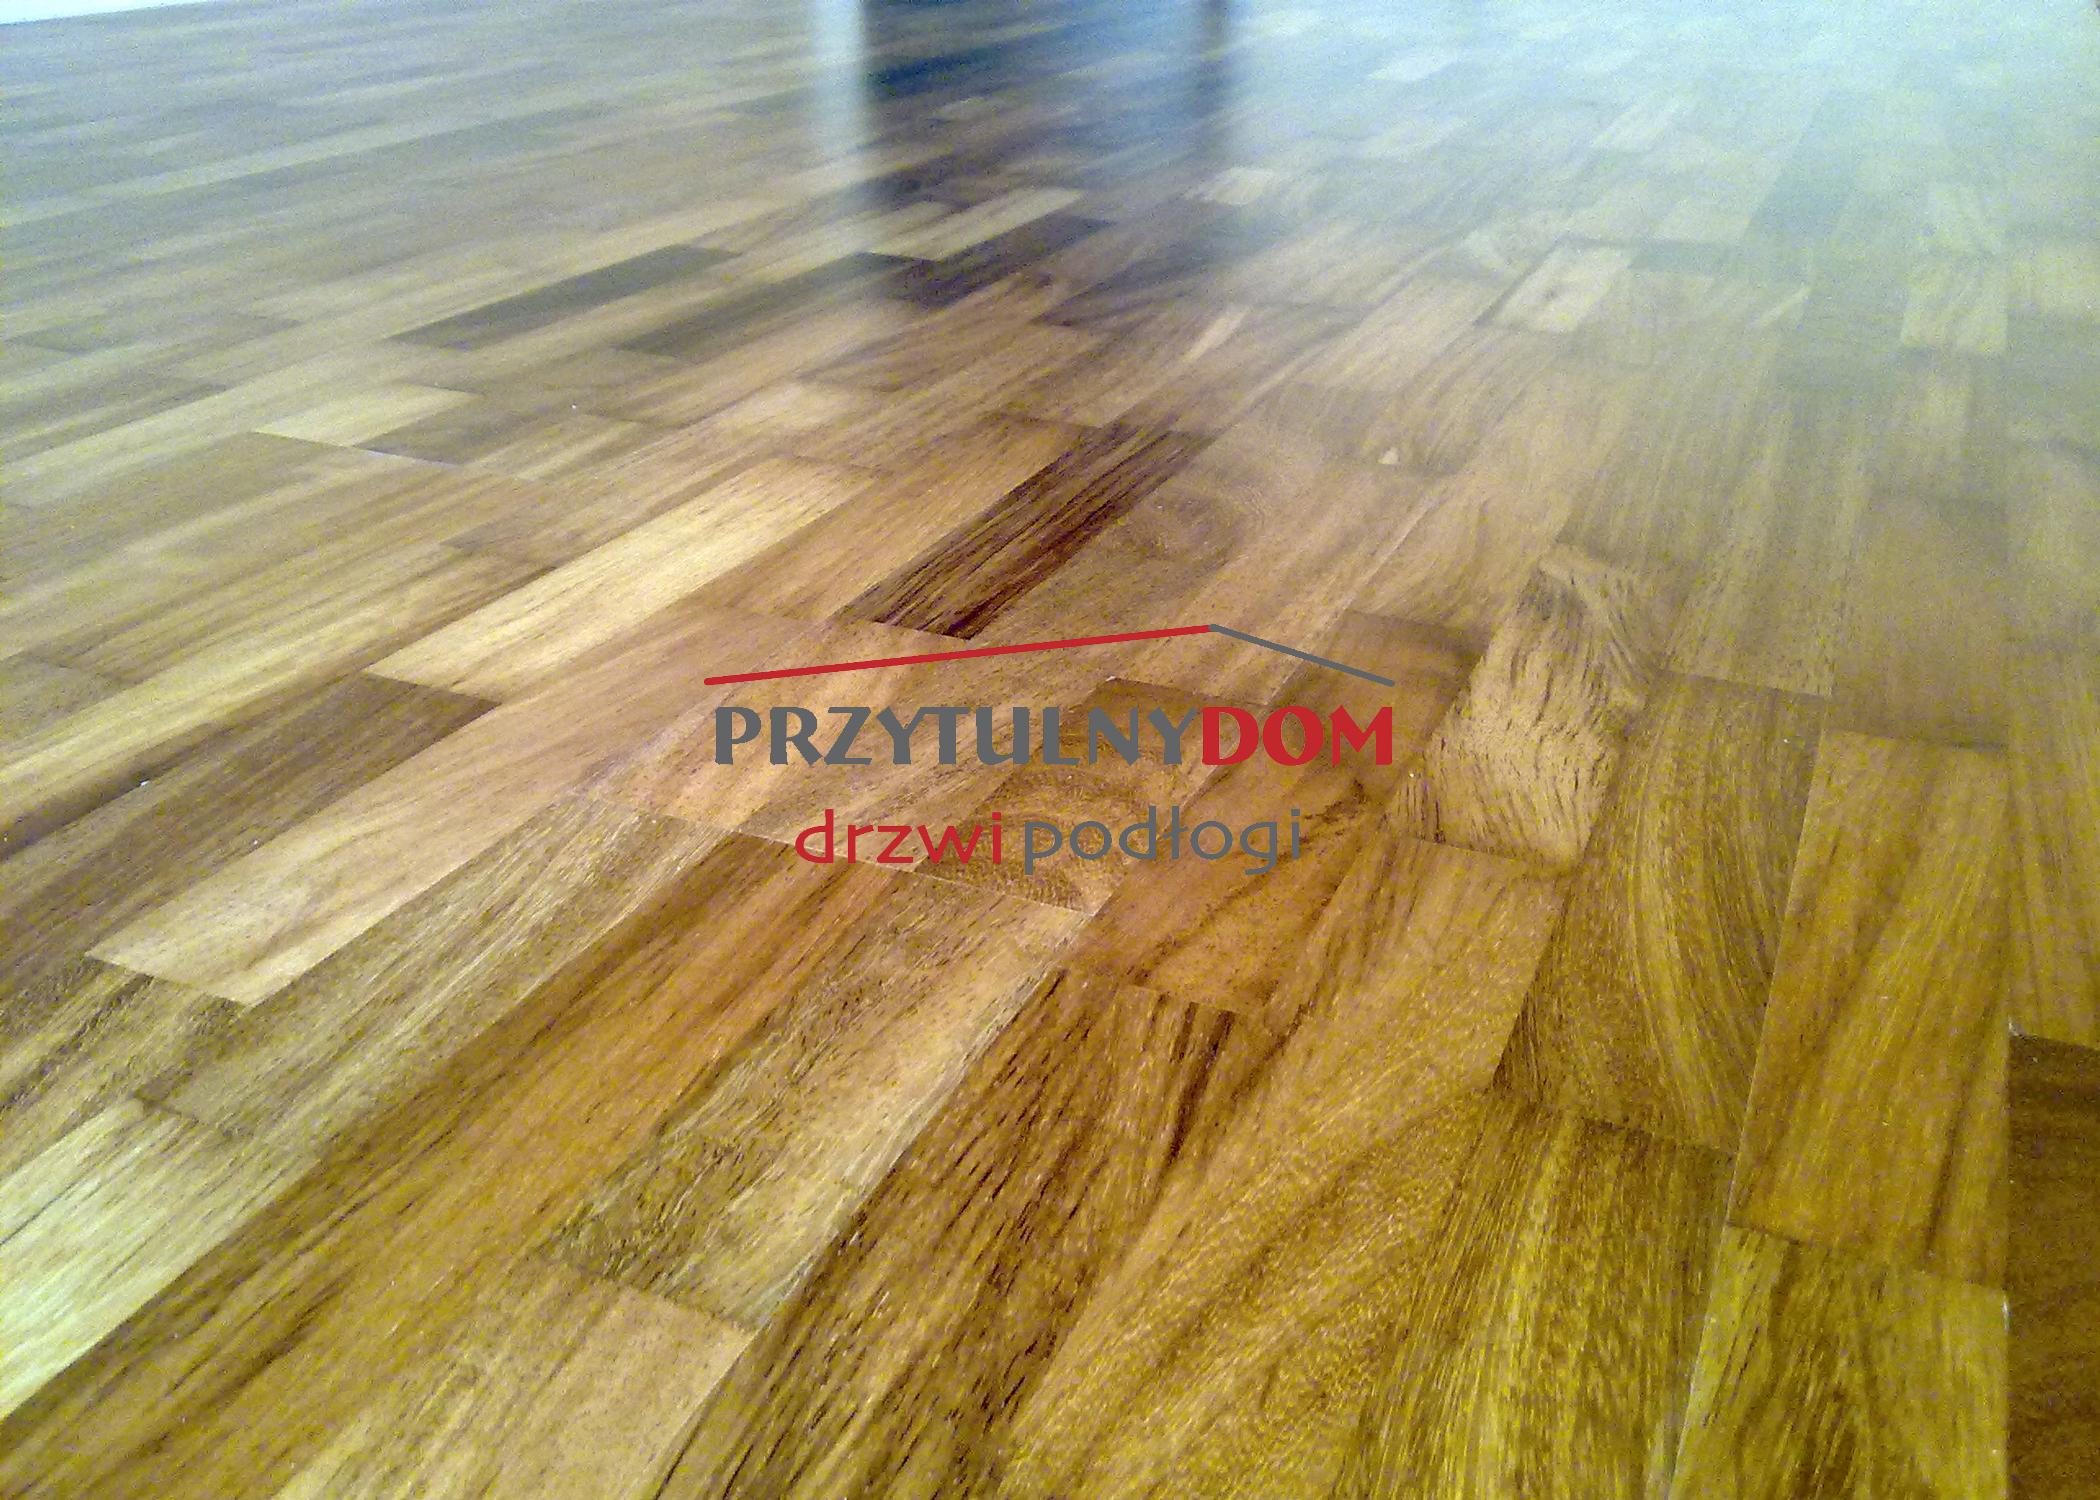 baltic wood kambala 3R lakier półmat